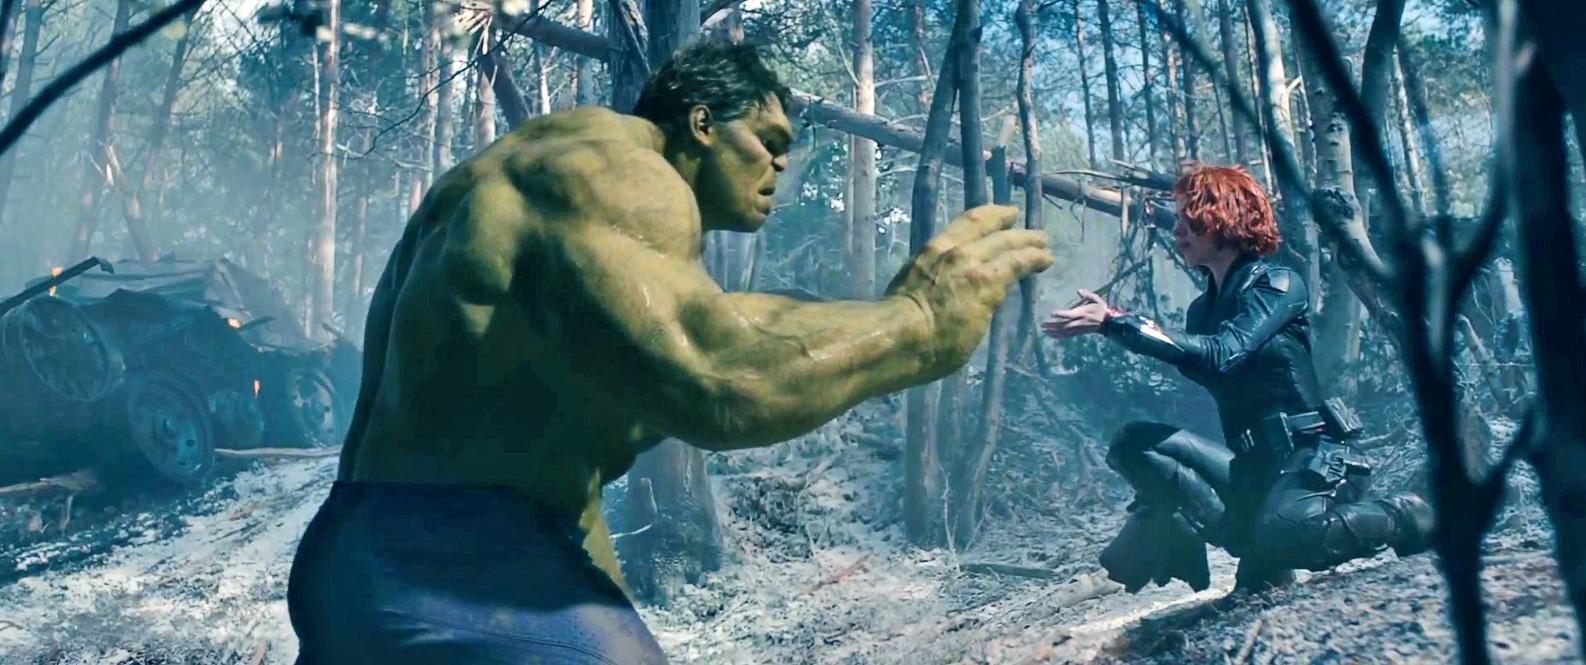 Avengers infinity war sc ne d vastatrice avec hulk et - Natacha avenger ...